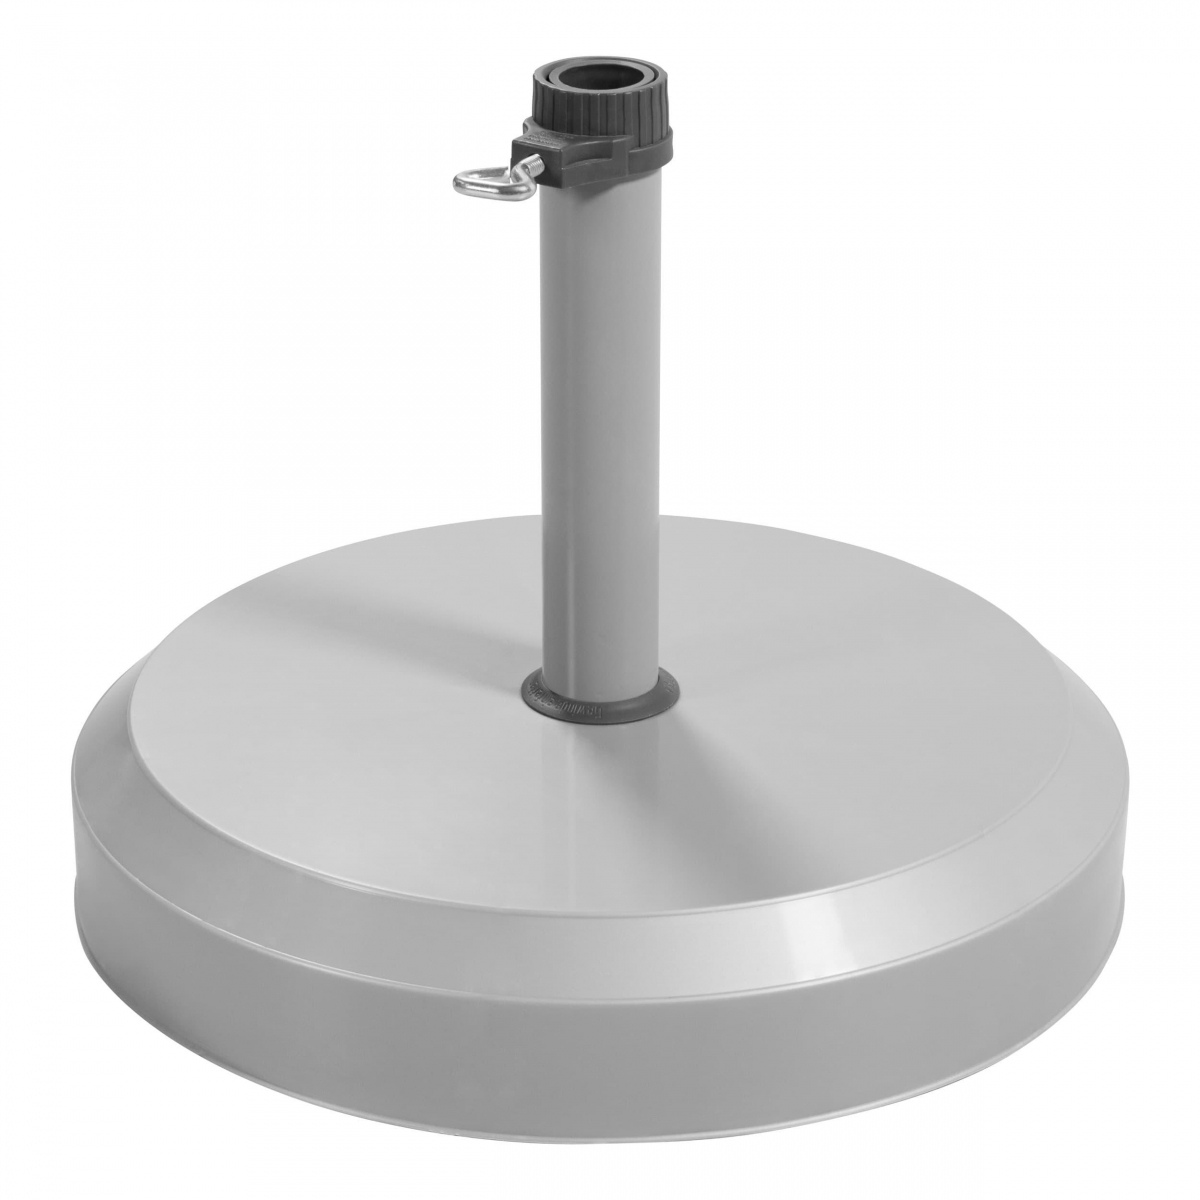 Betonový stojan pro zahradní slunečníky 25 kg - Stříbrná